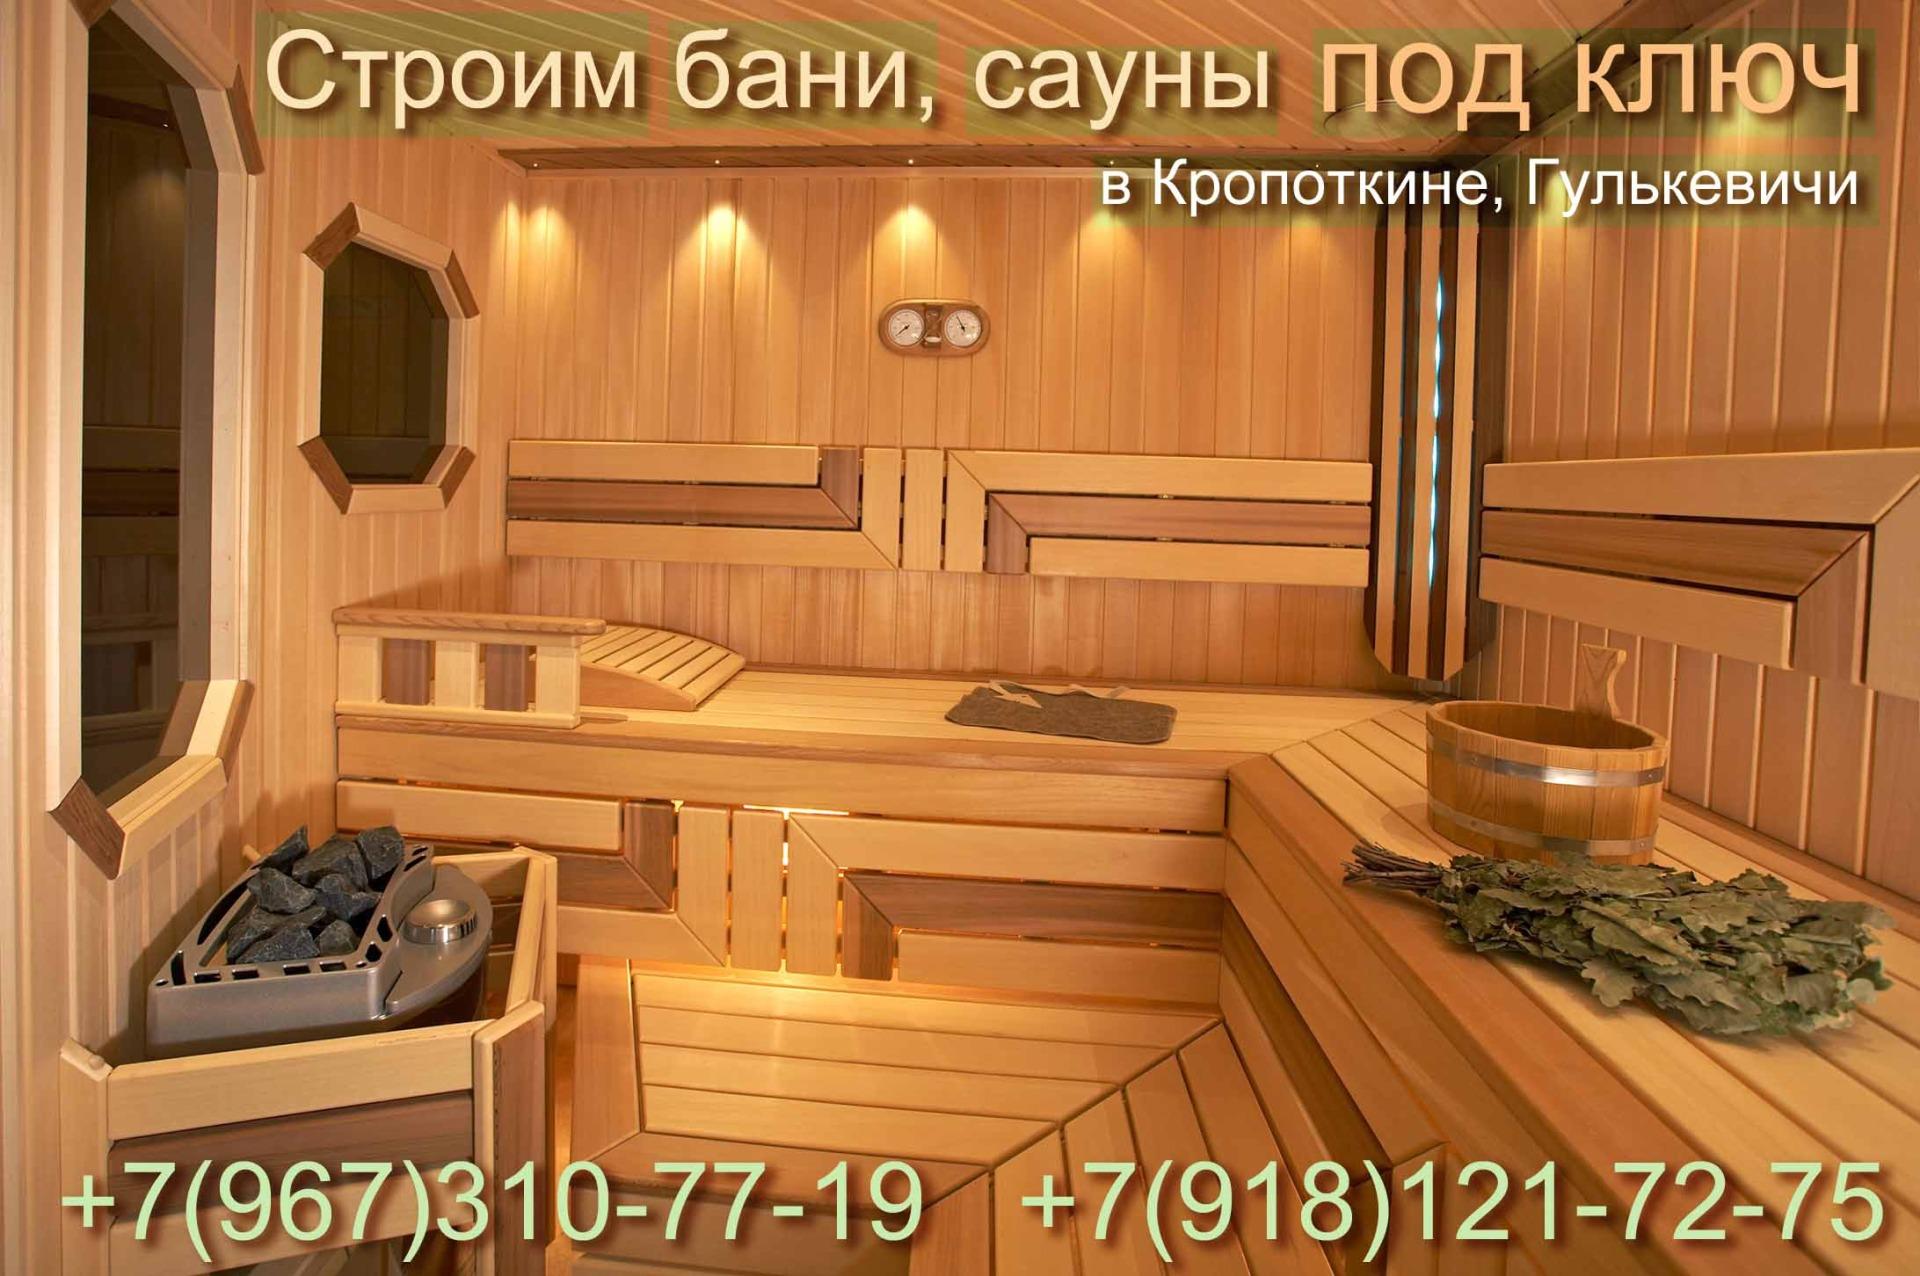 Деревянные лестницы, беседки, мебель из массива на заказ, бани под ключ, отделка деревом и другие столярные работы в Кропоткине